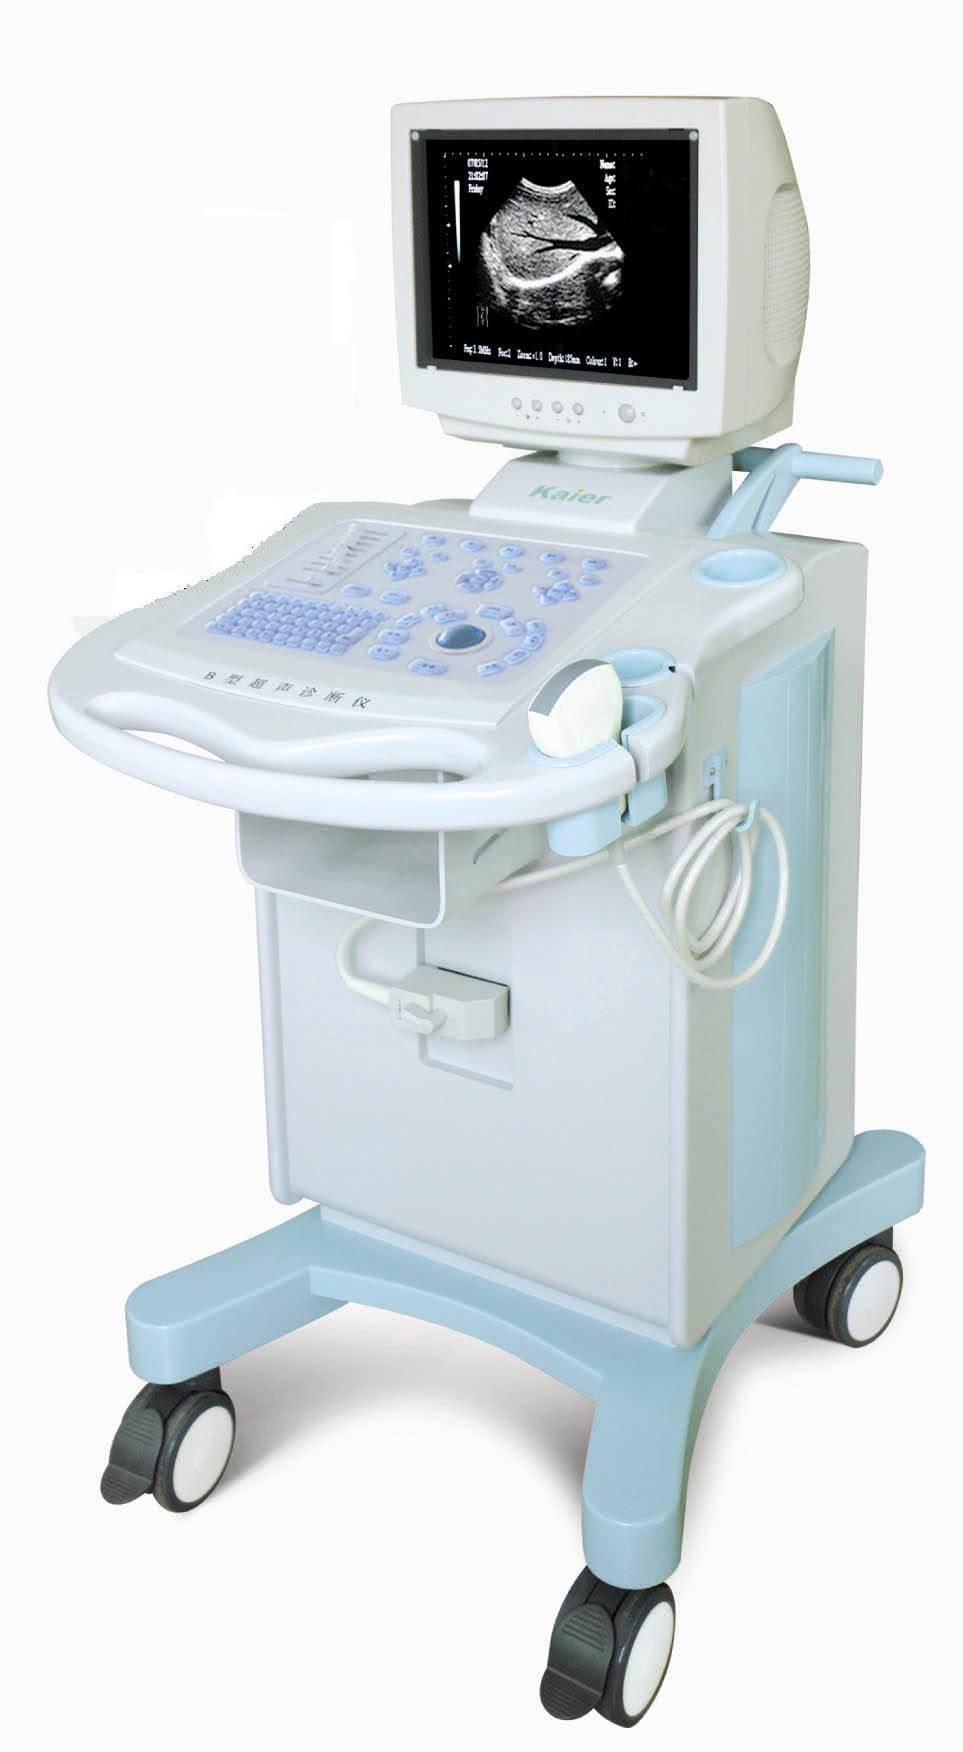 ultrasound diagnostic device